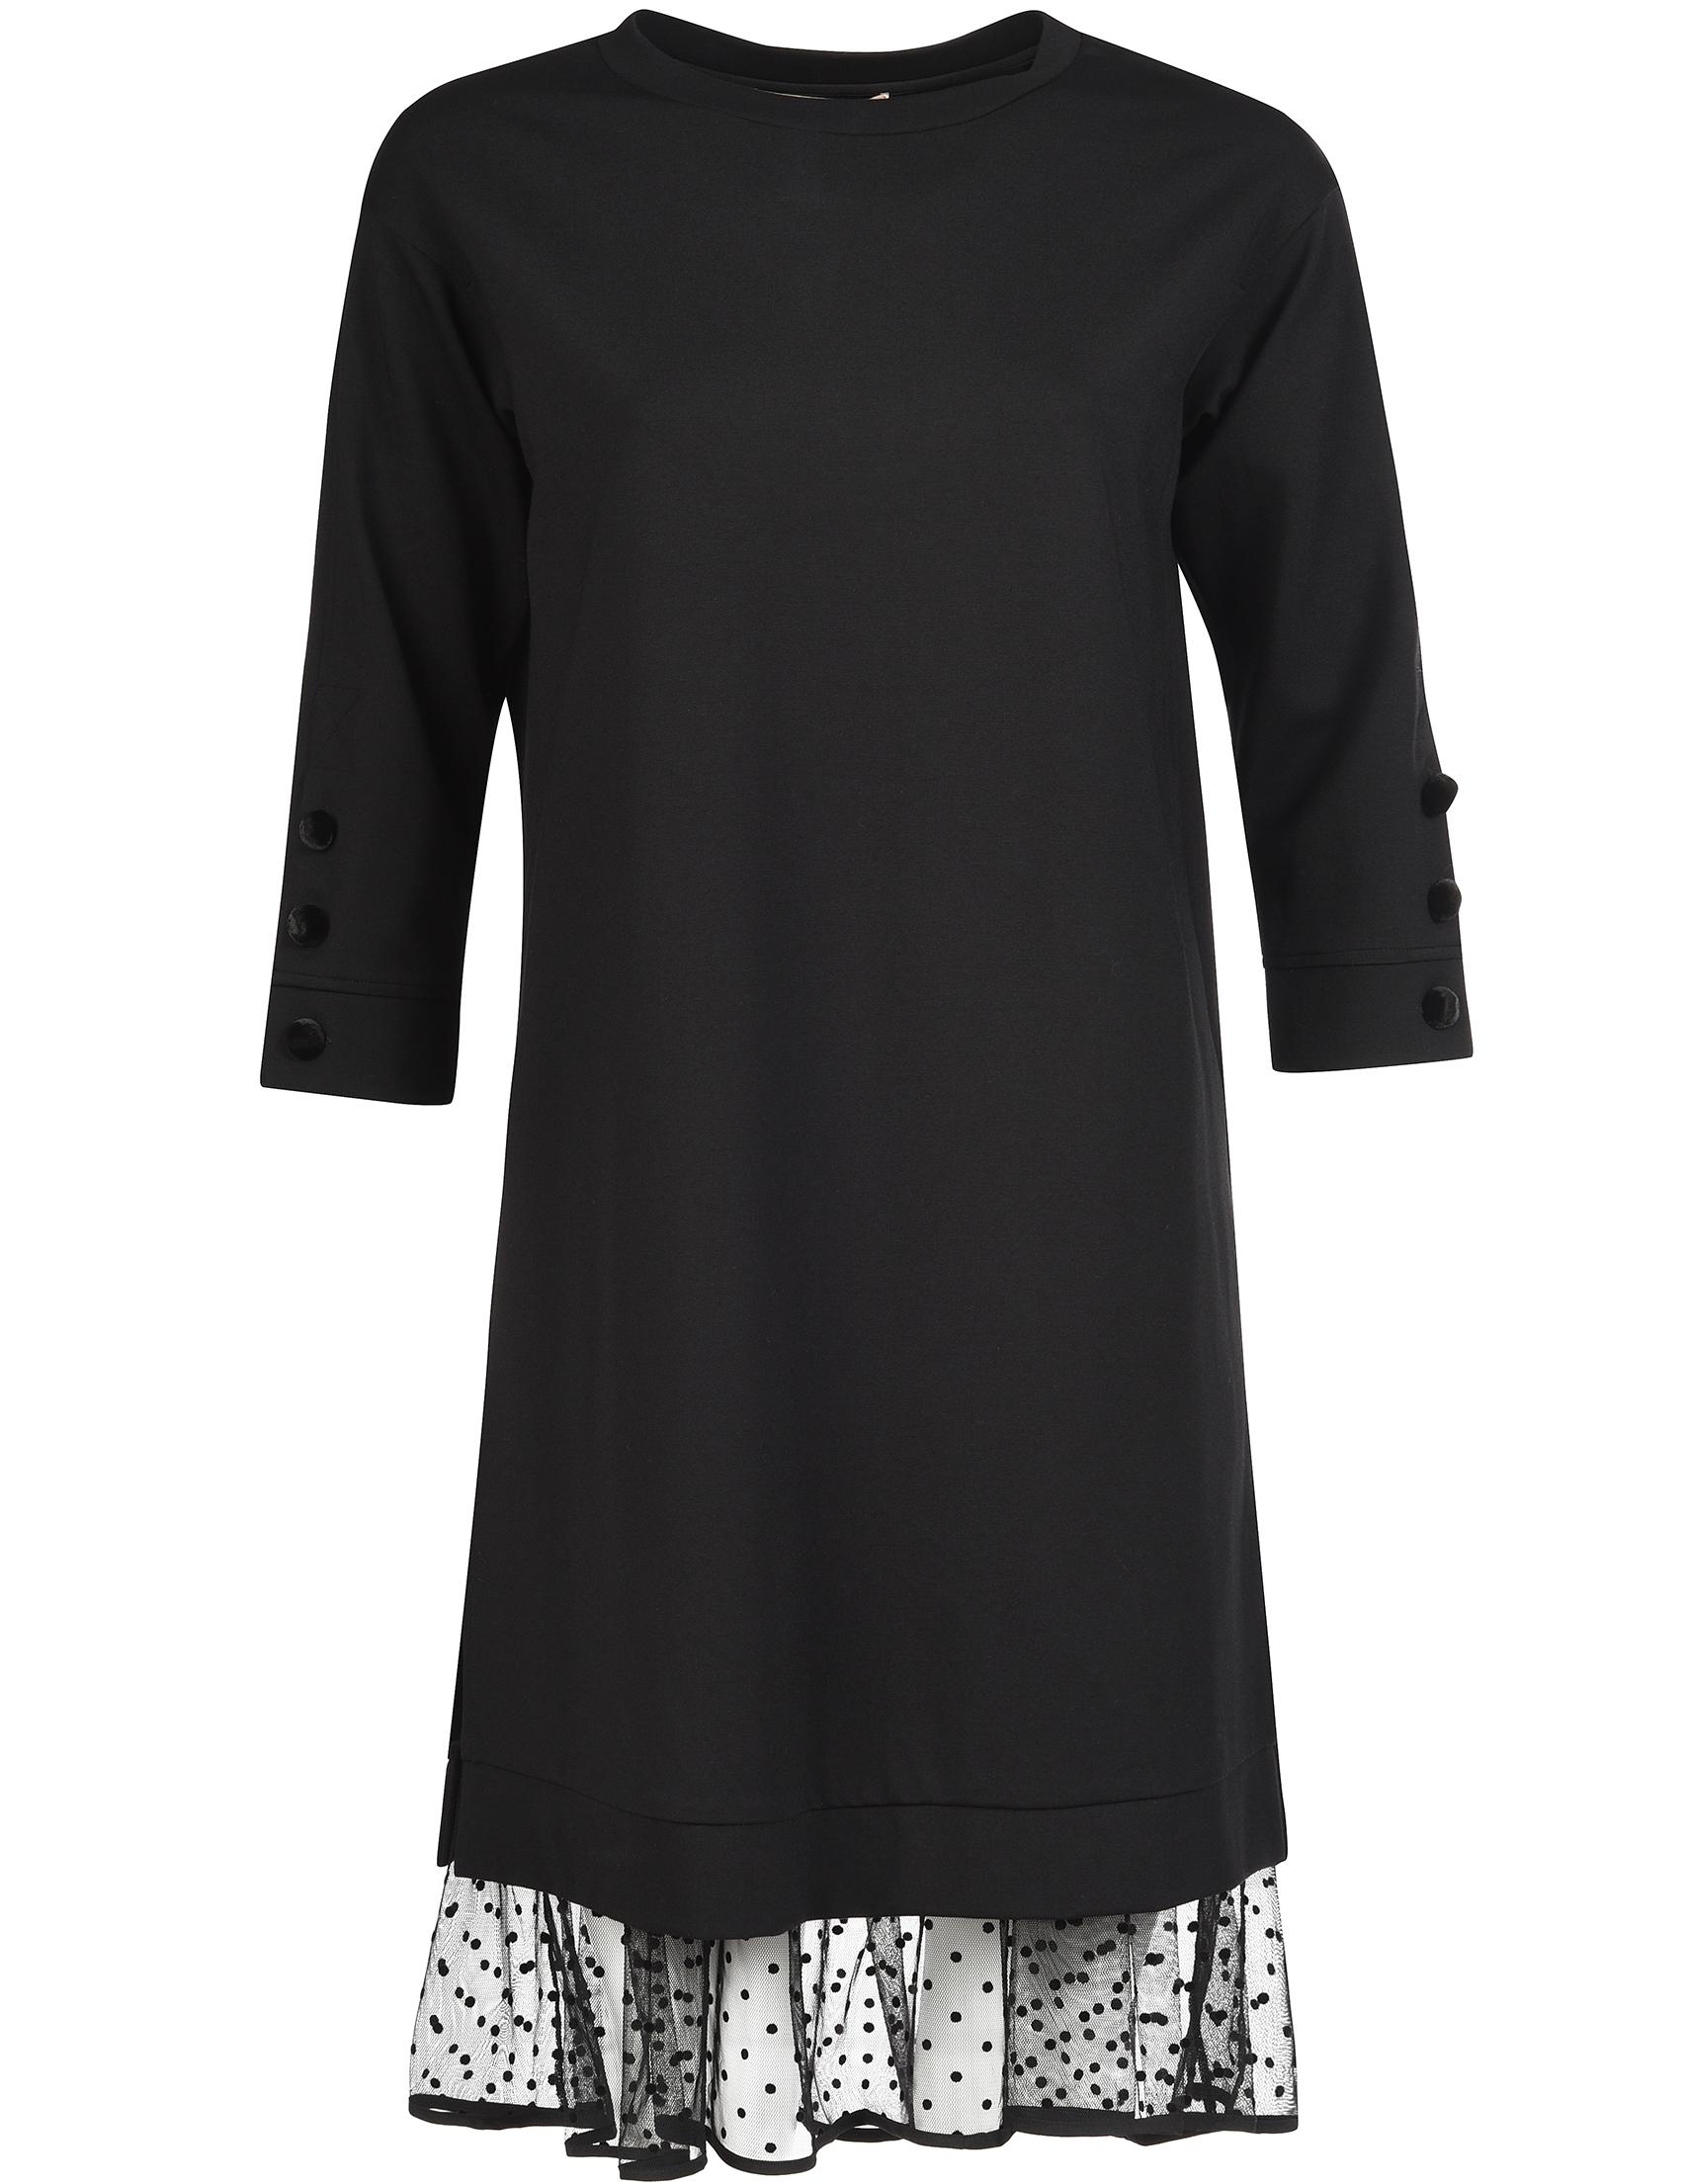 Купить Платье, TWIN-SET, Черный, 62%Вискоза 33%Полиамид 5%Эластан, Осень-Зима